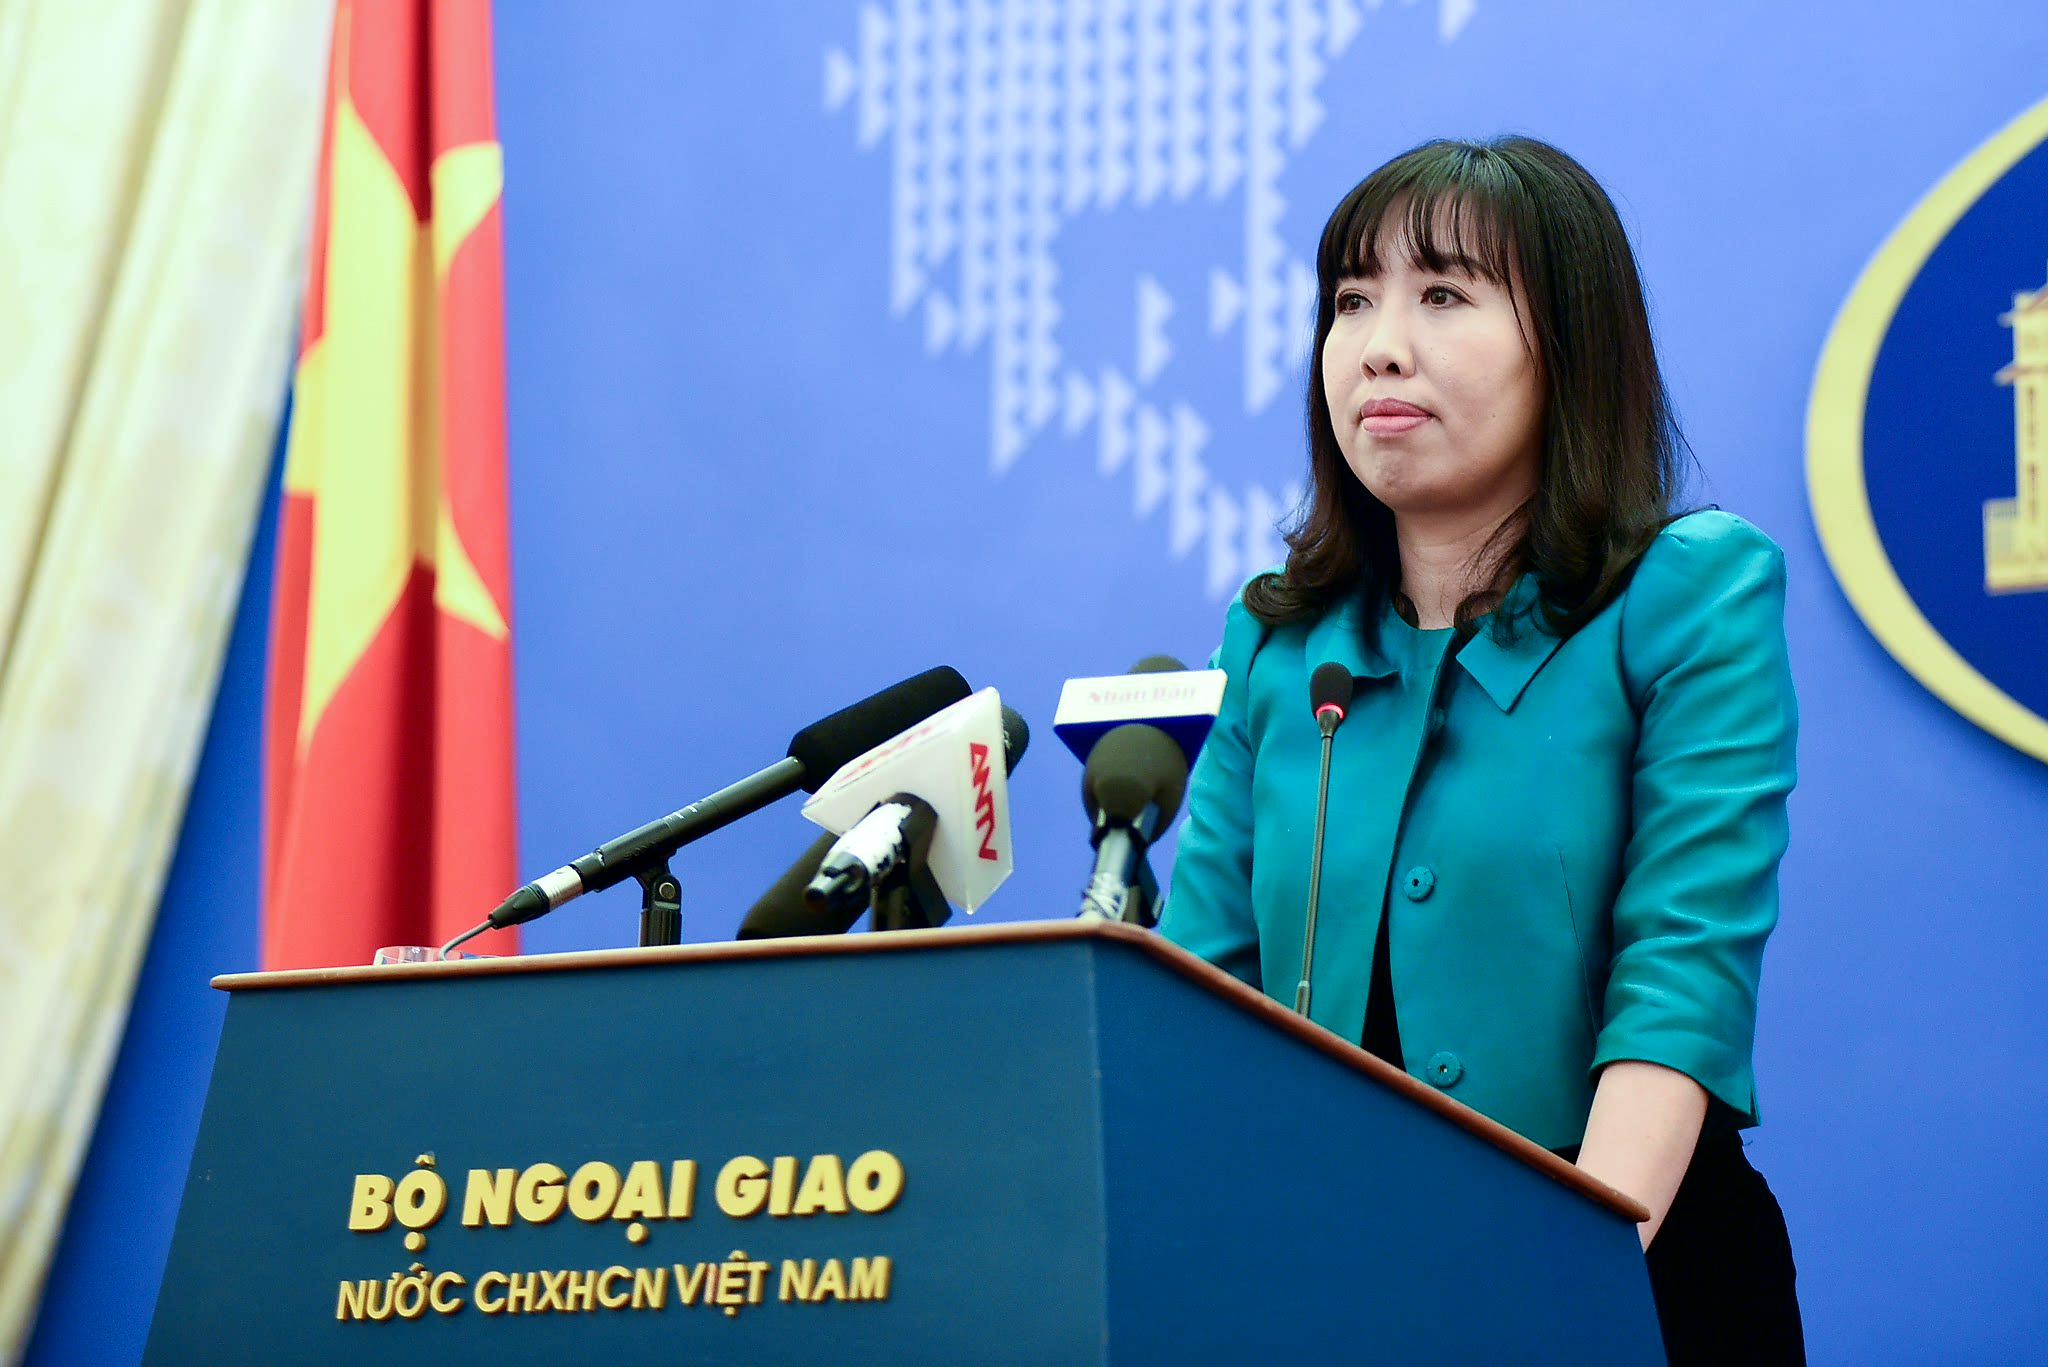 Phản ứng của Việt Nam trước các các vụ tấn công khủng bố tại Indonesia